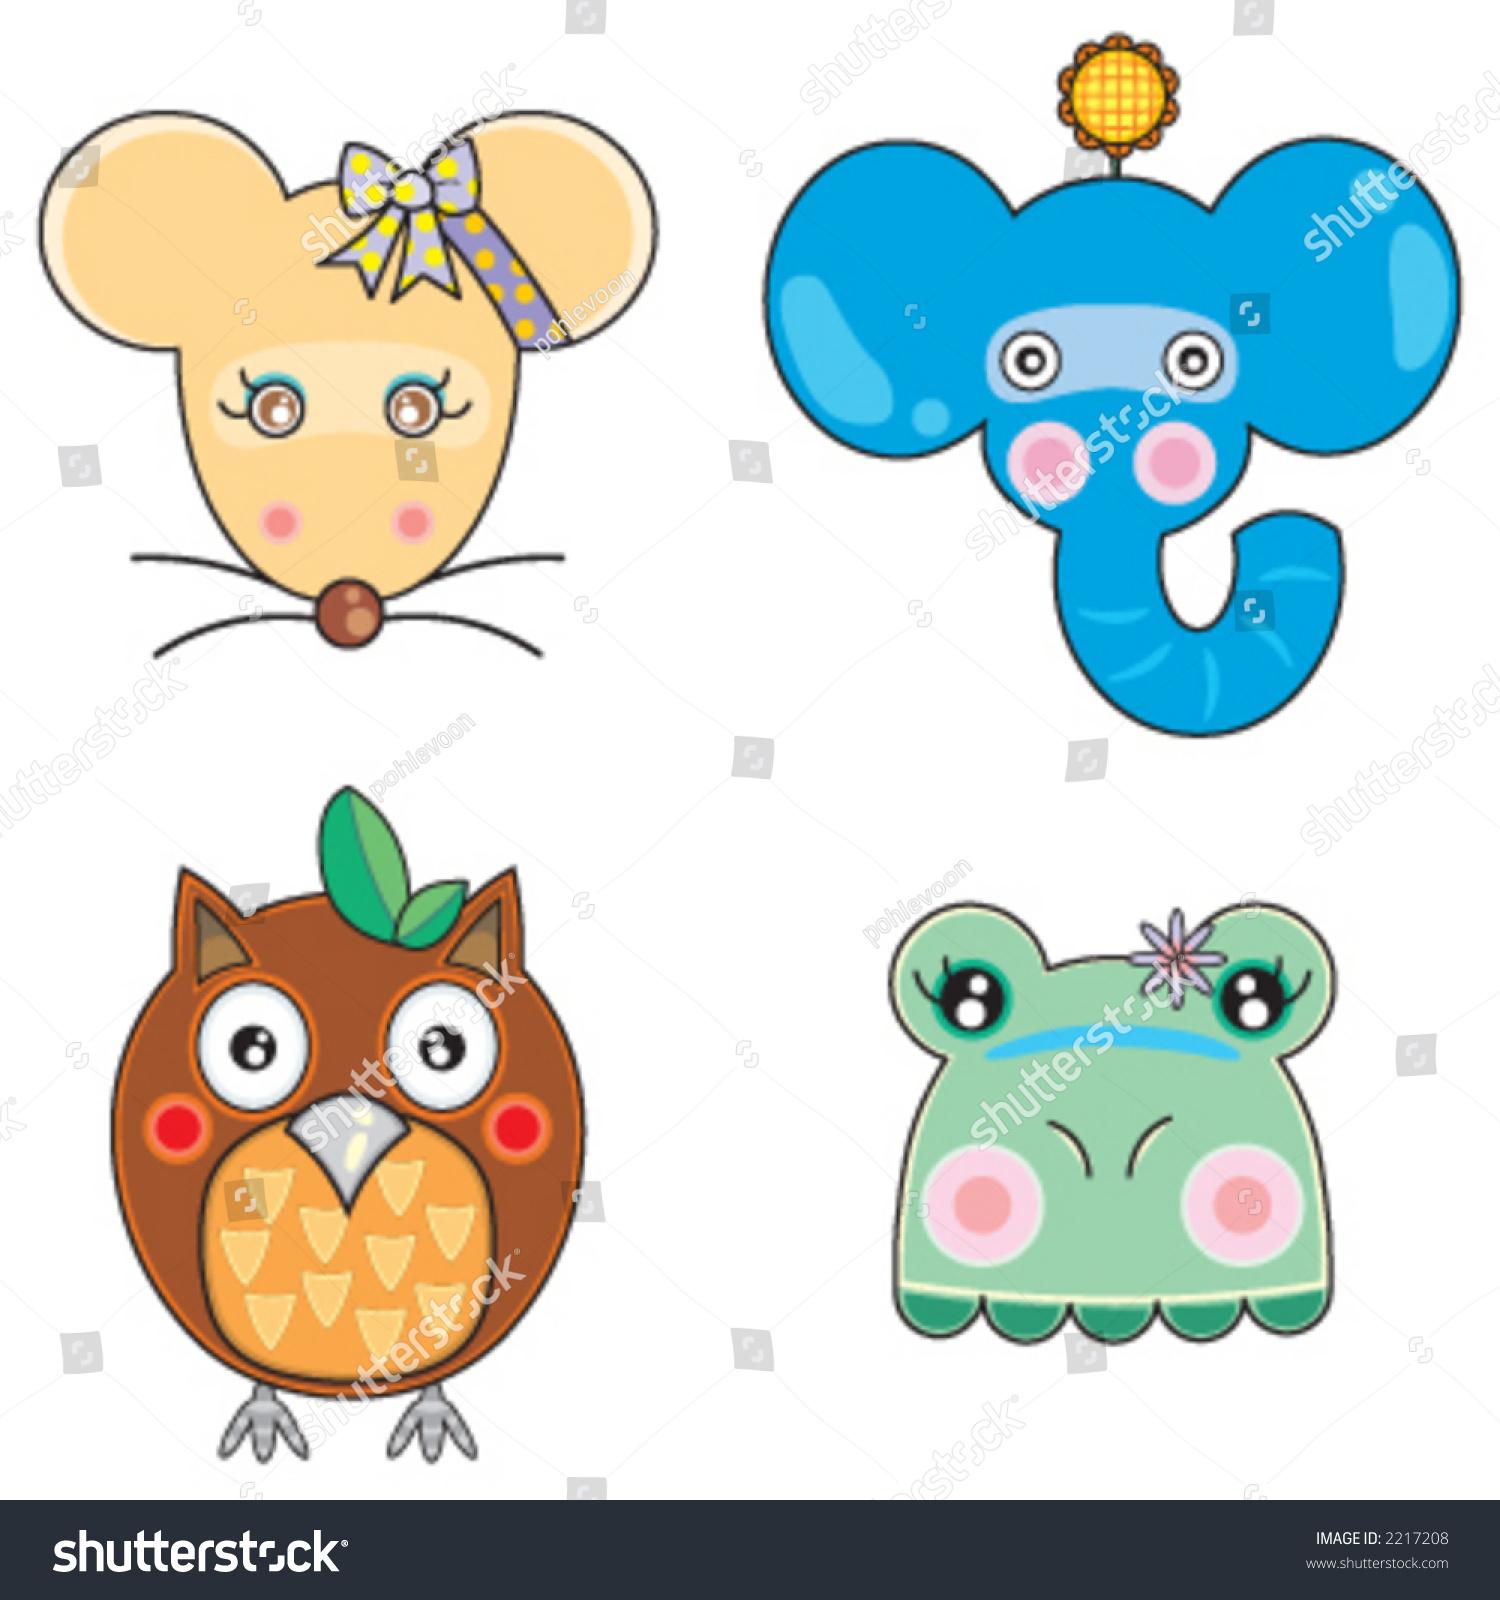 04向量可爱动物的脸-插图/剪贴图-海洛创意(hellorf)